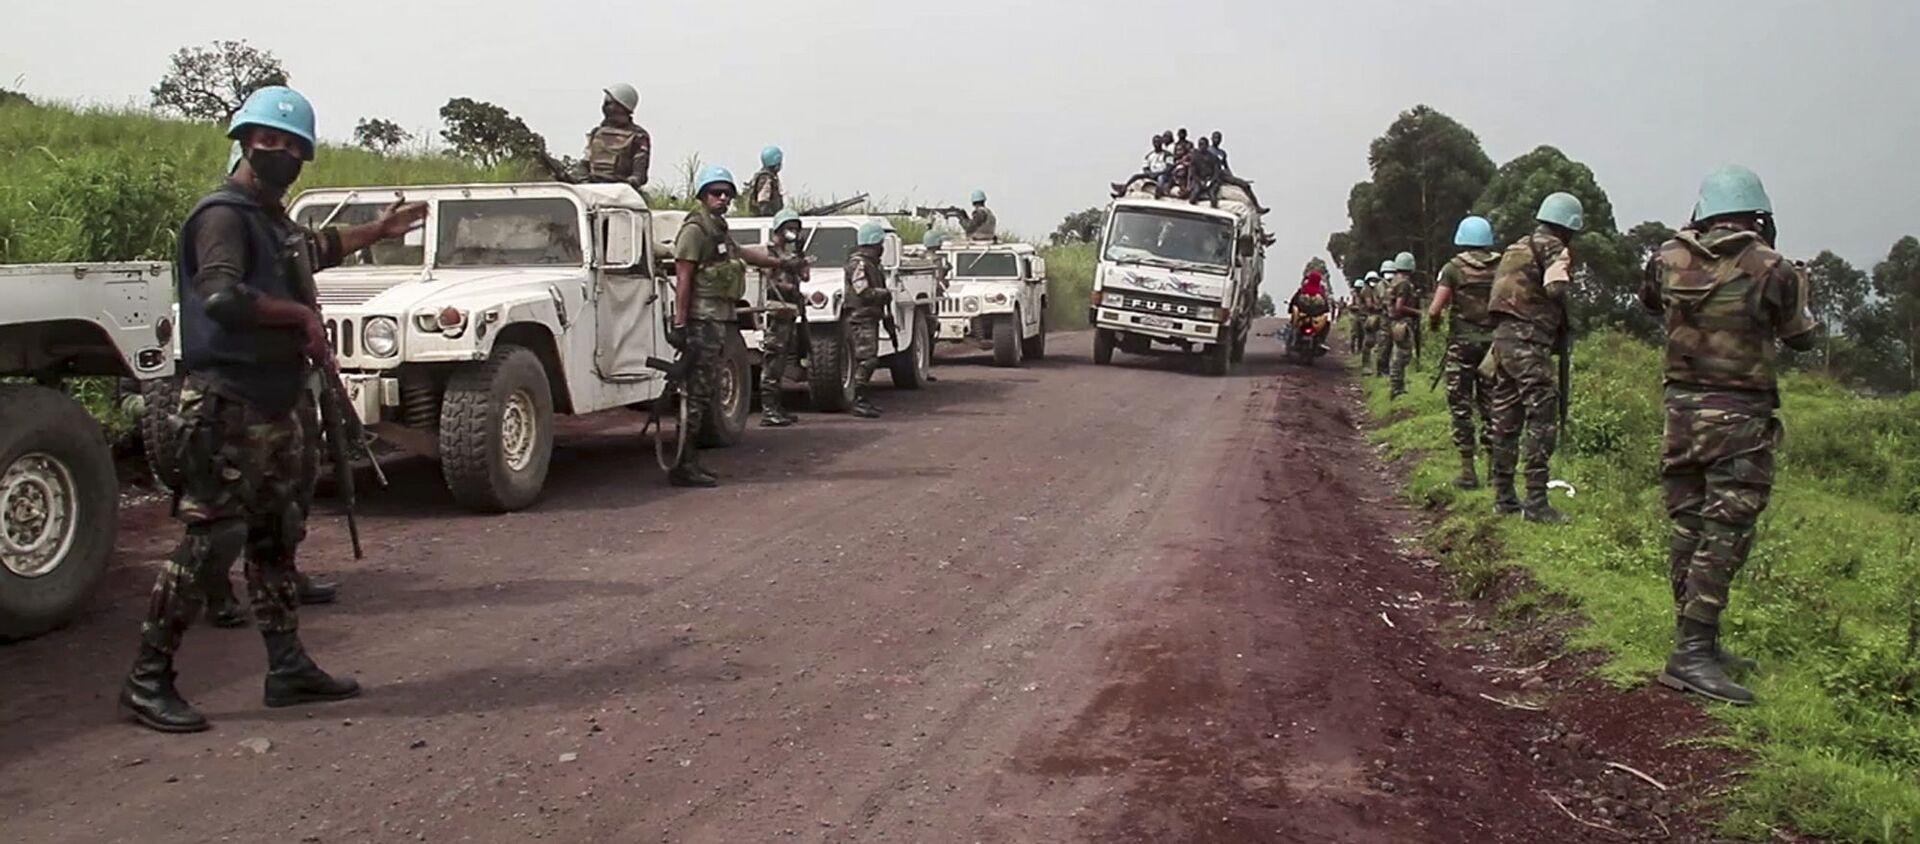 Le forze di pace dell'Onu sul luogo dell'assassinio dell'ambasciatore italiano in Congo Luca Attanasio - Sputnik Italia, 1920, 05.03.2021